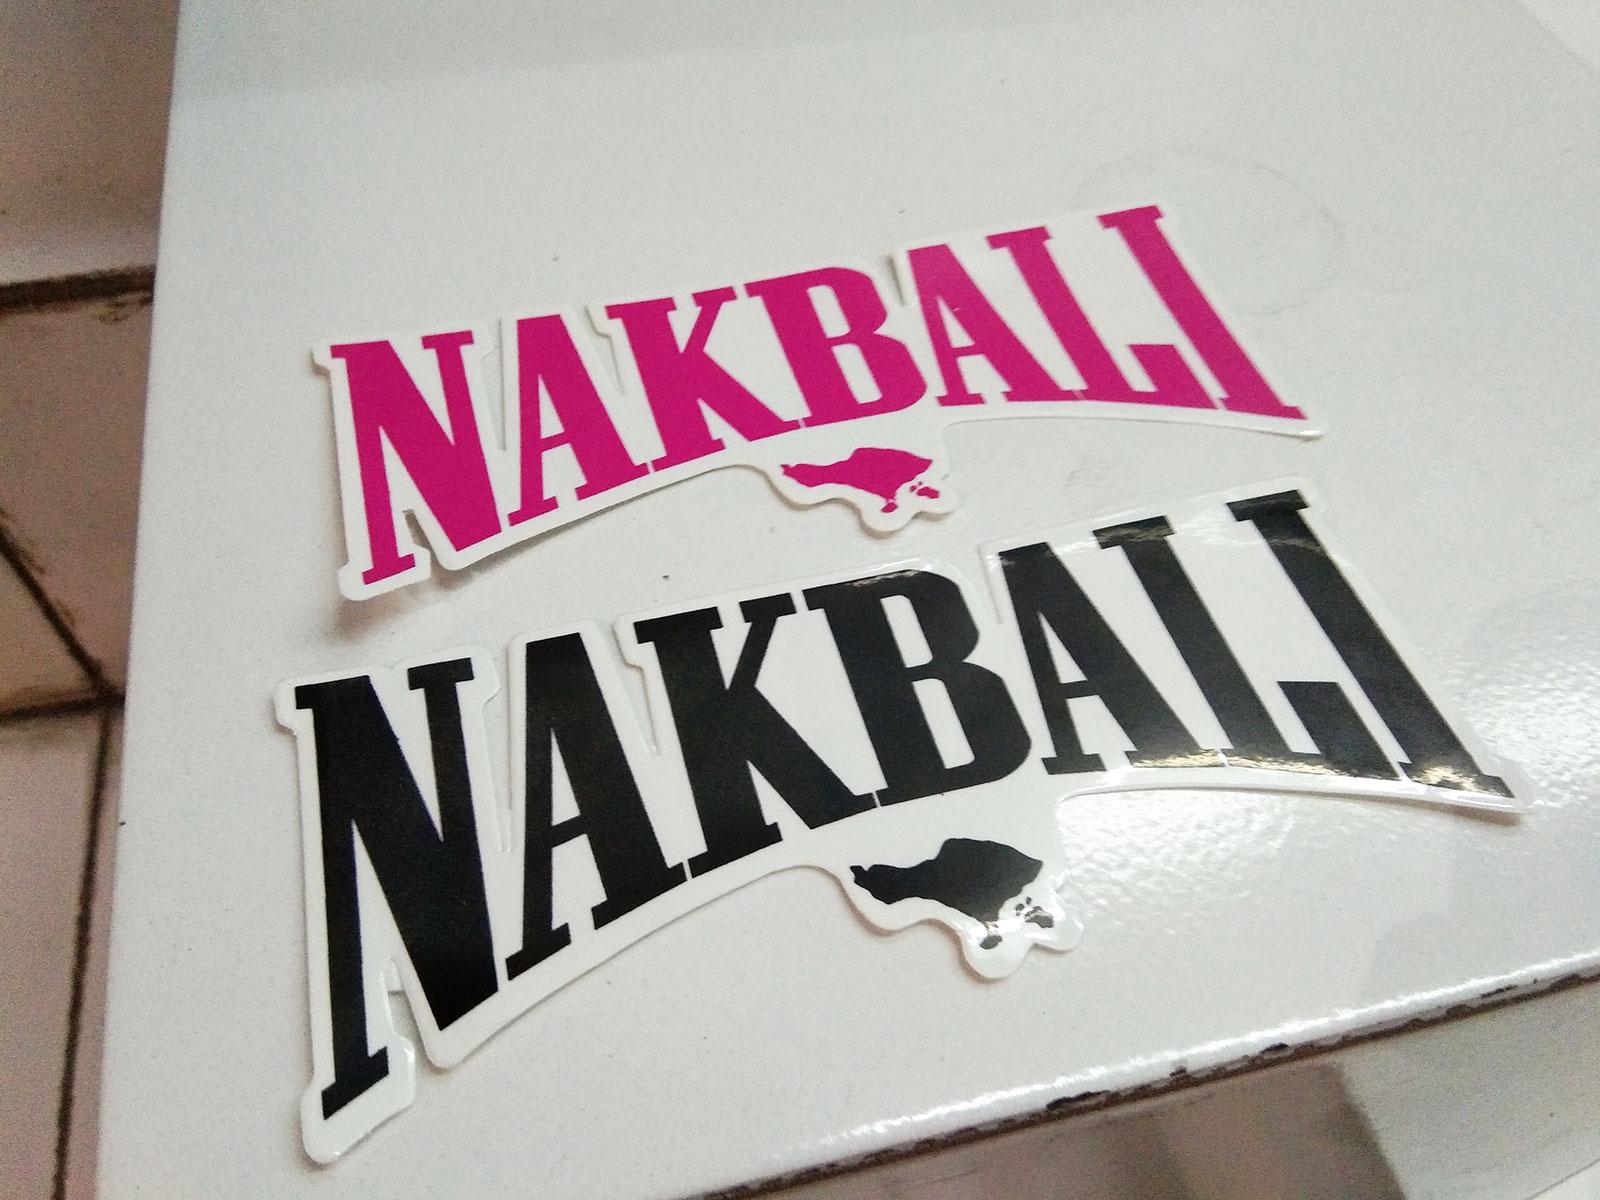 nakbali